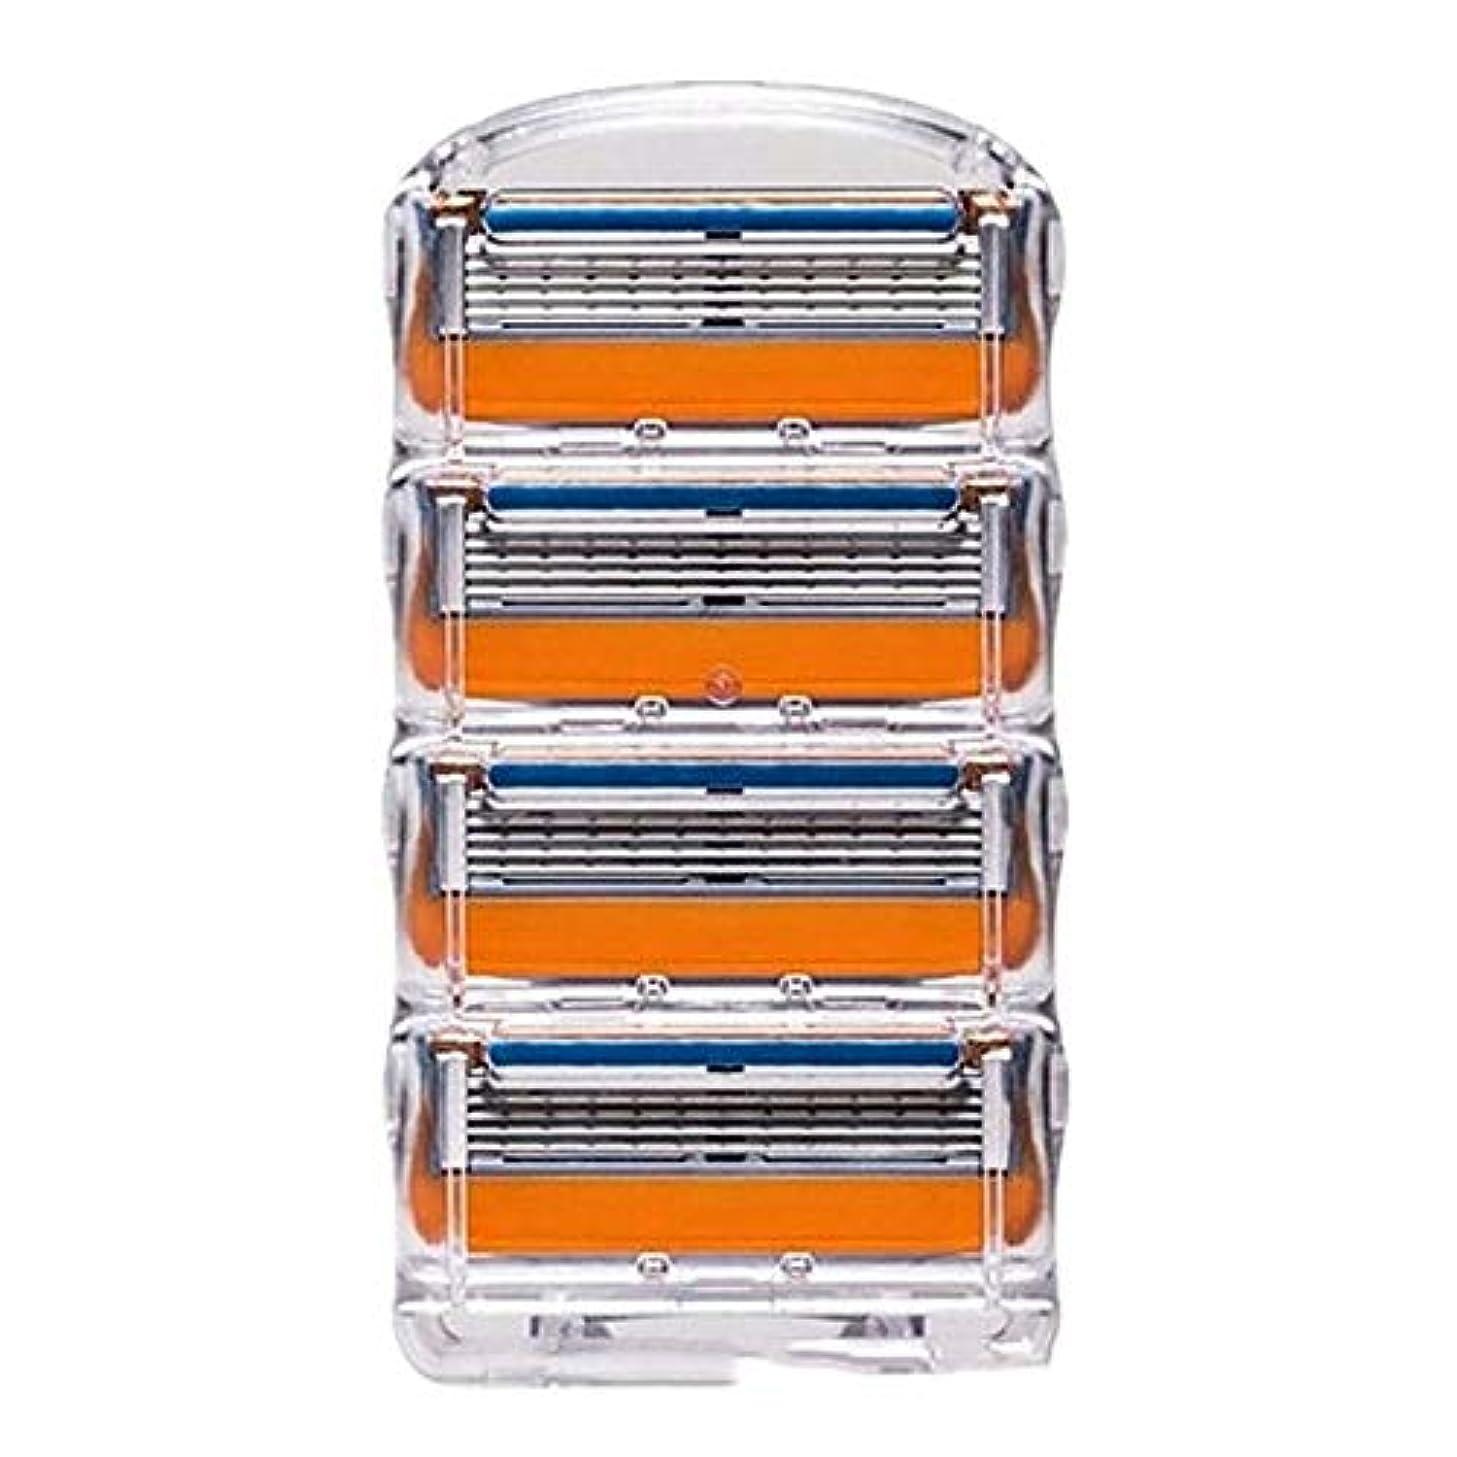 暖炉結果として辞任する剃刀手動5層剃刀手動剃刀オレンジの箱4